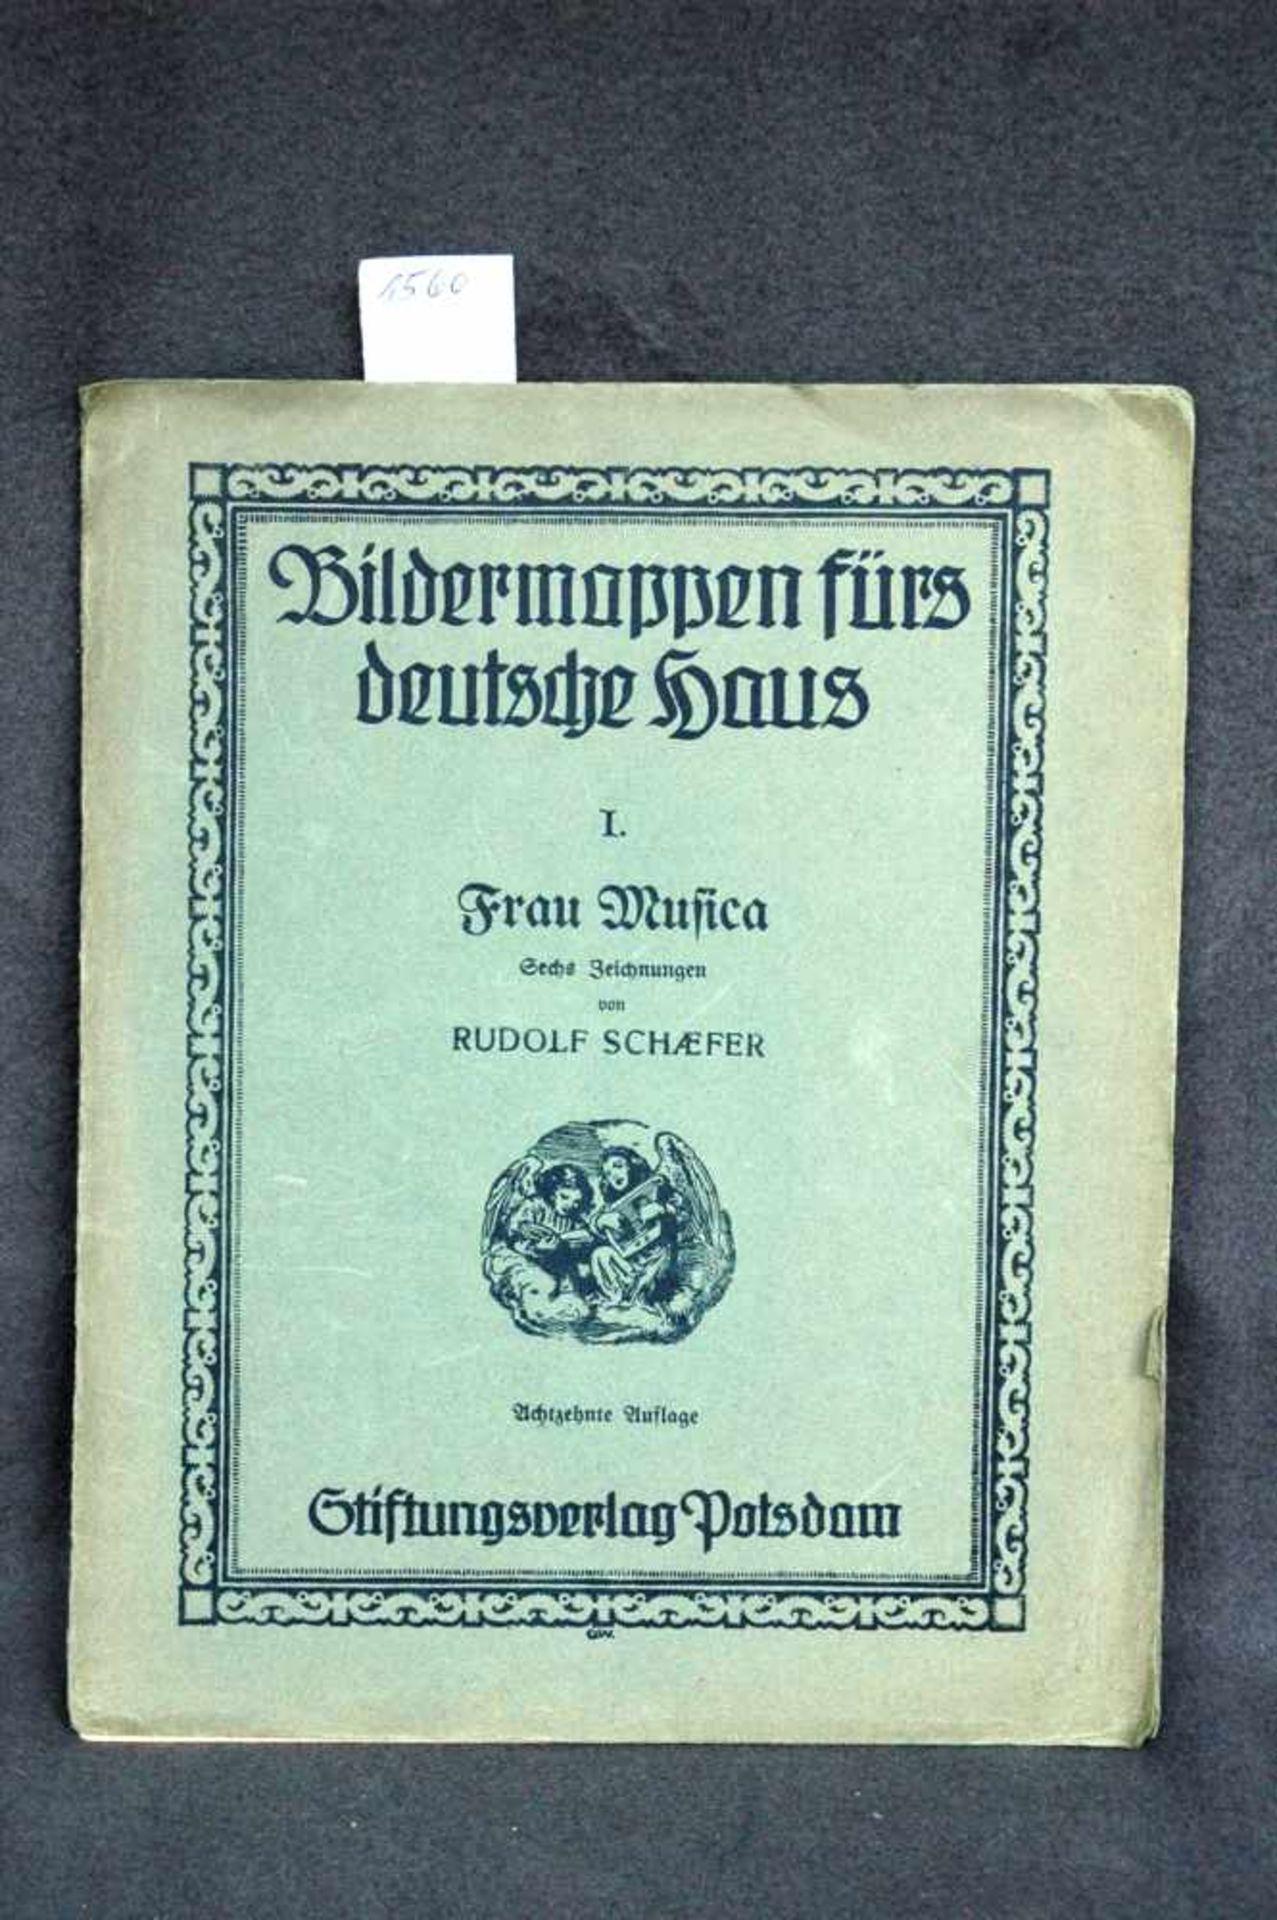 Bildermappen fürs deutsche Haus, 1. Frau Musica, sechs Zeichnungen von Rudolf Schaefer, achtzehnte